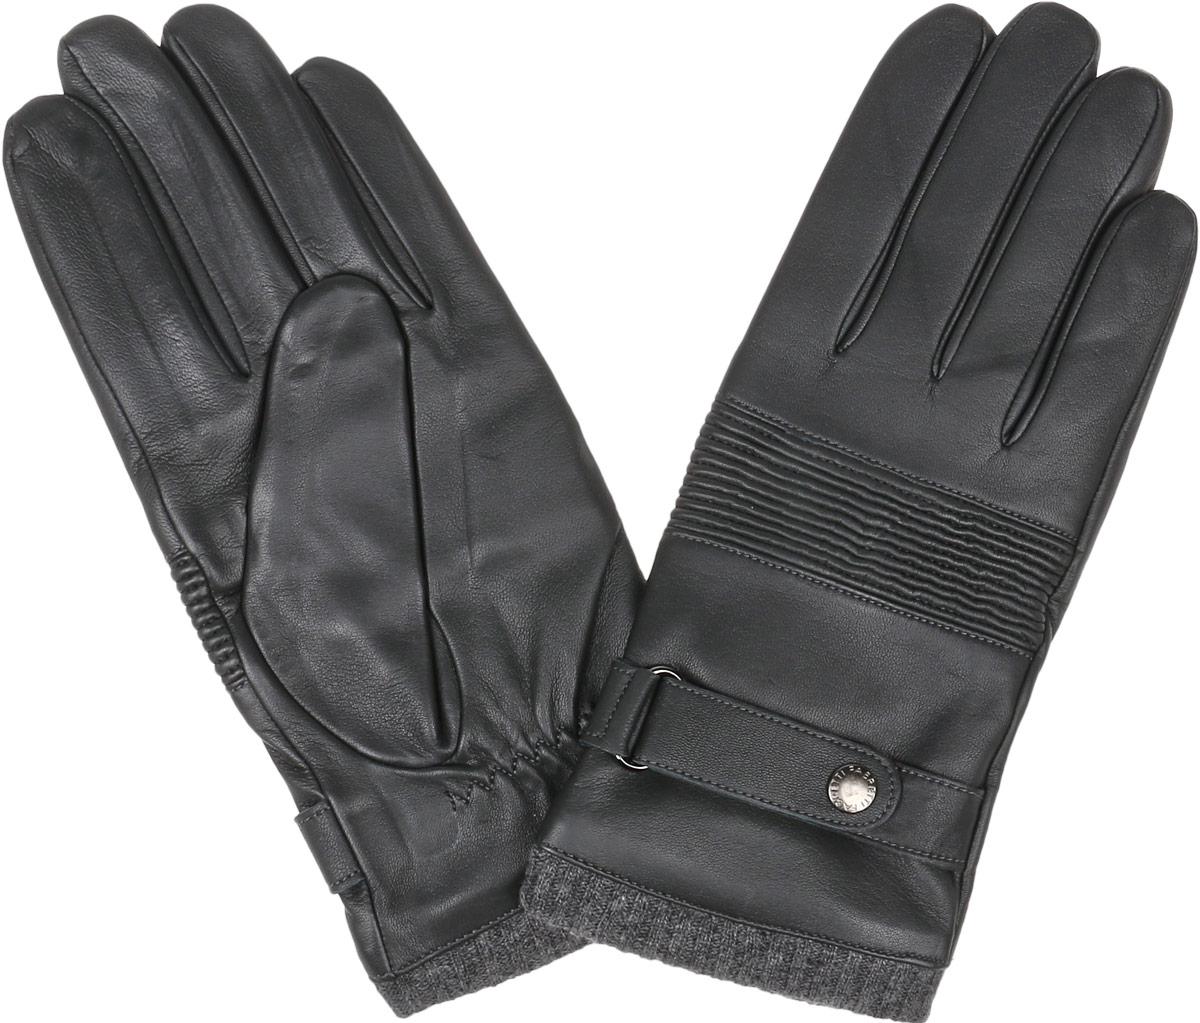 Fabretti 12.50-1 black